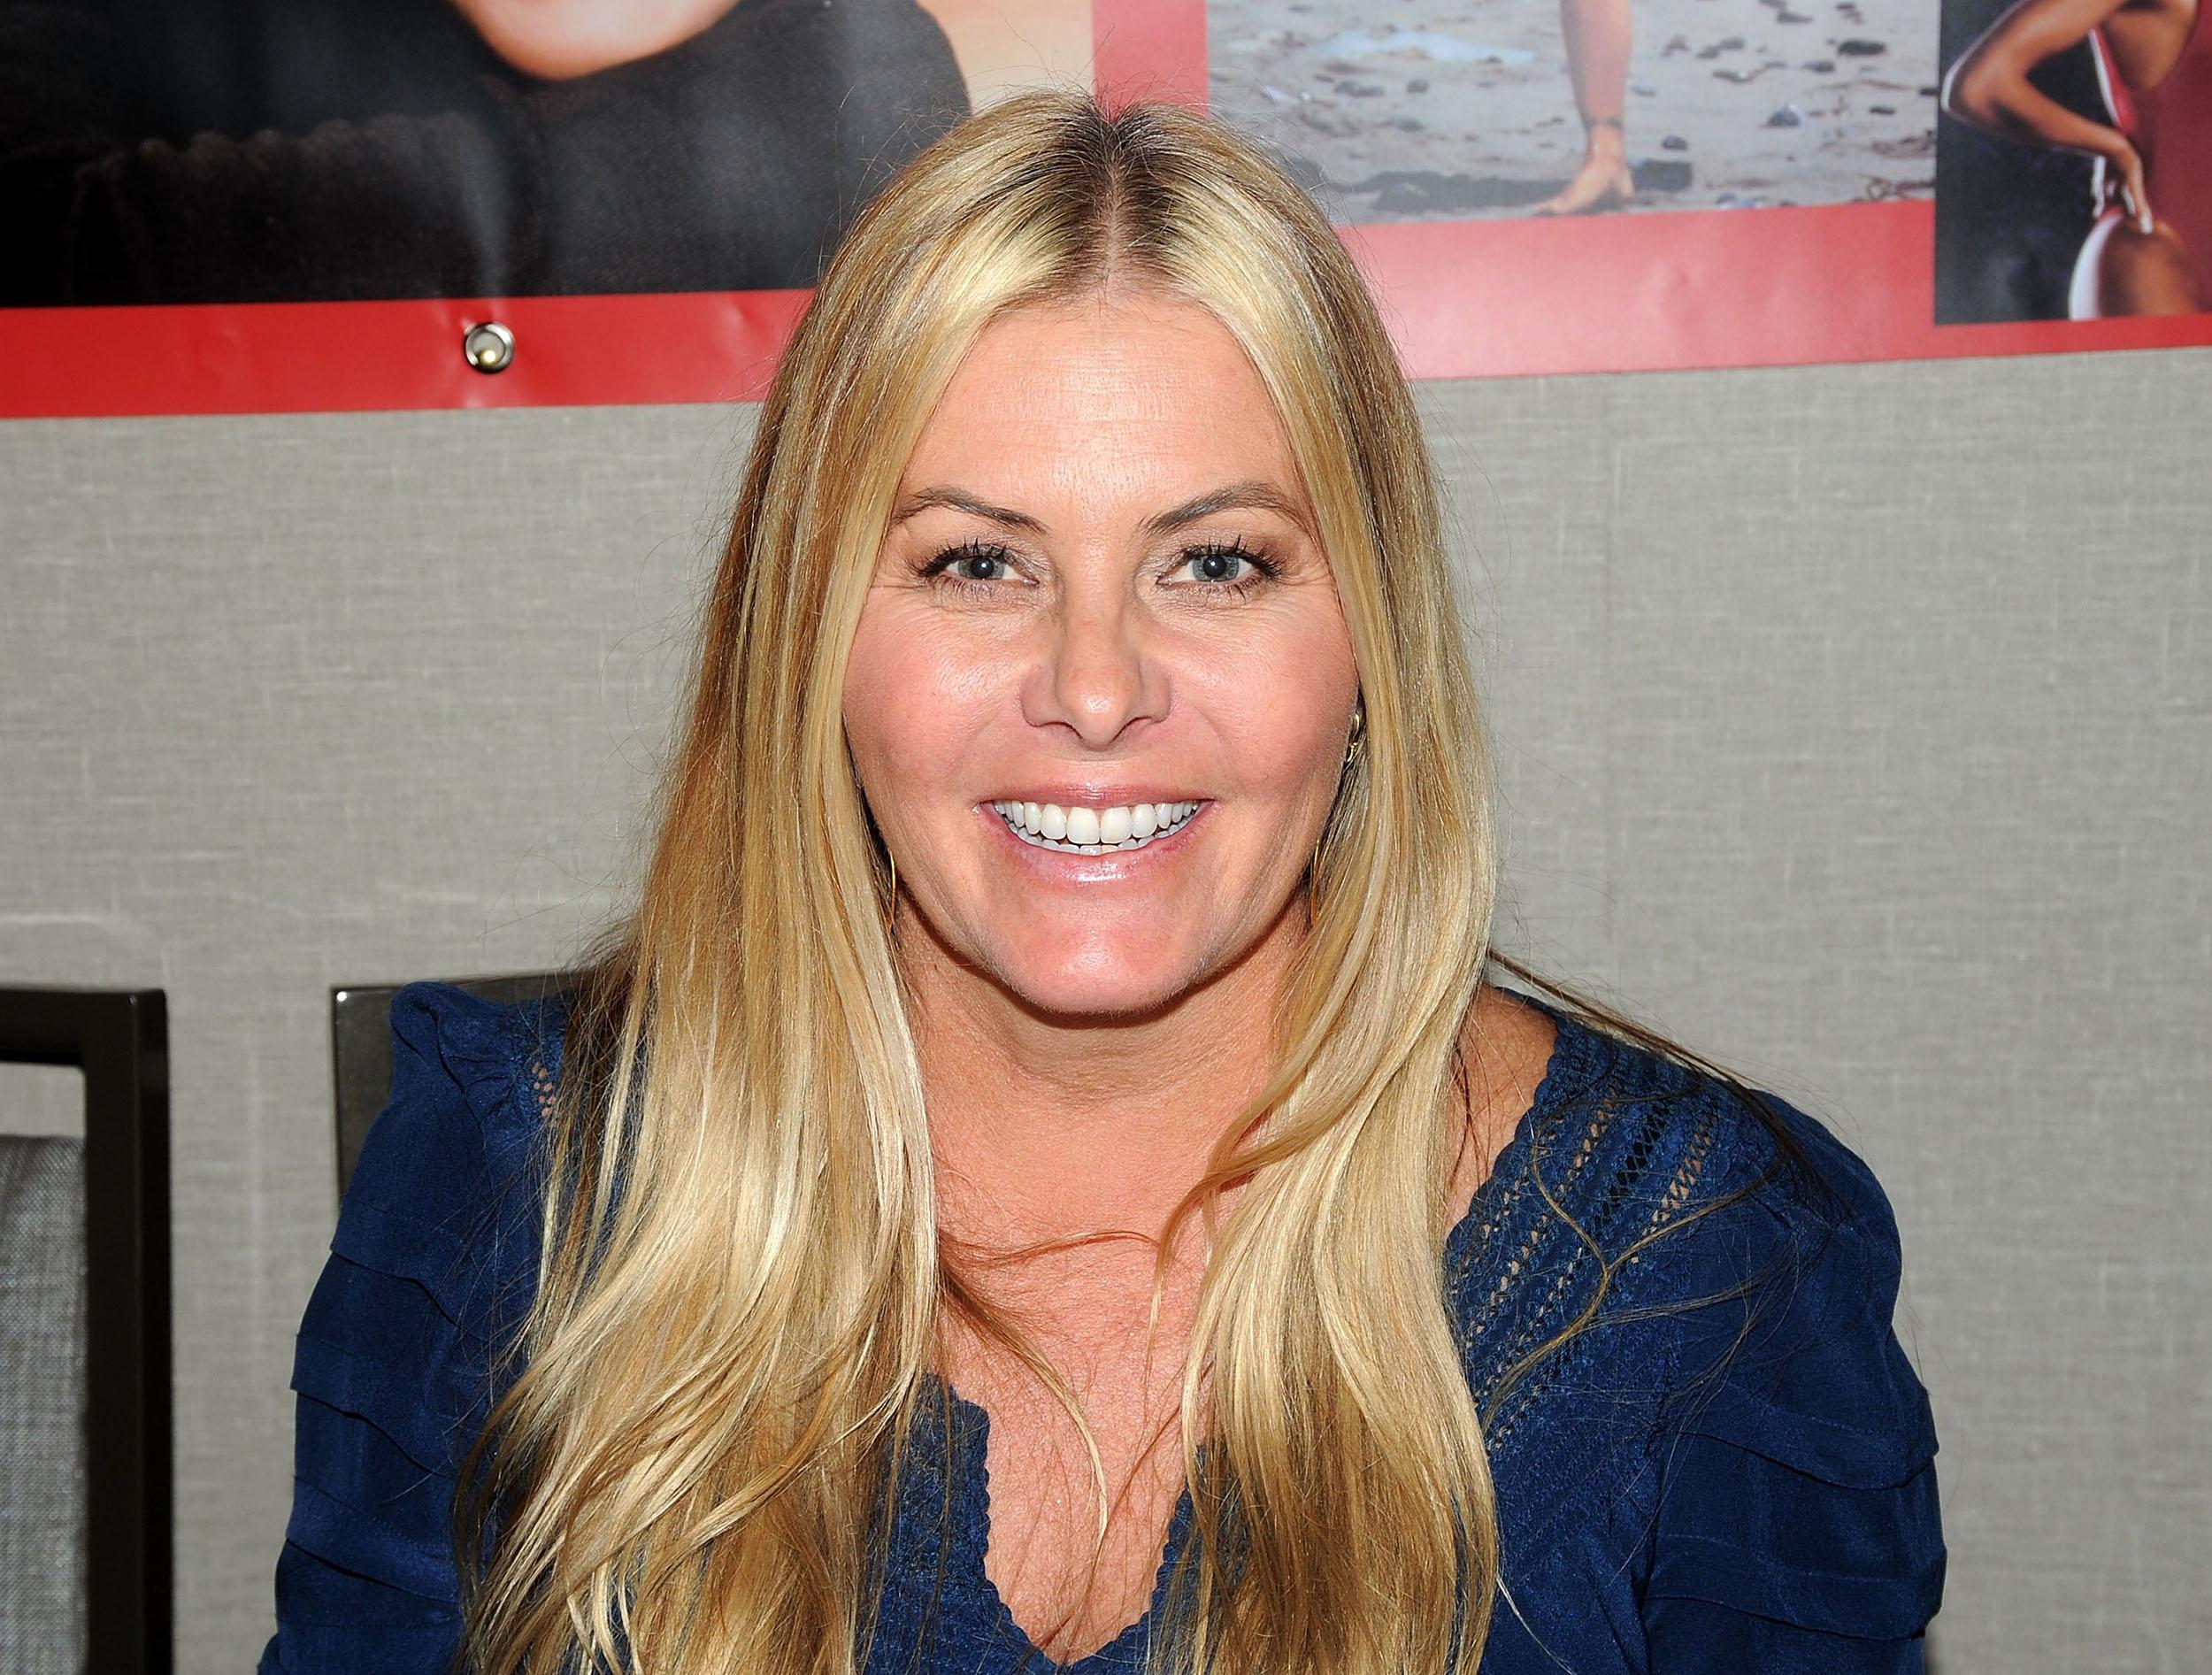 Nicole Eggert born January 13, 1972 (age 46)